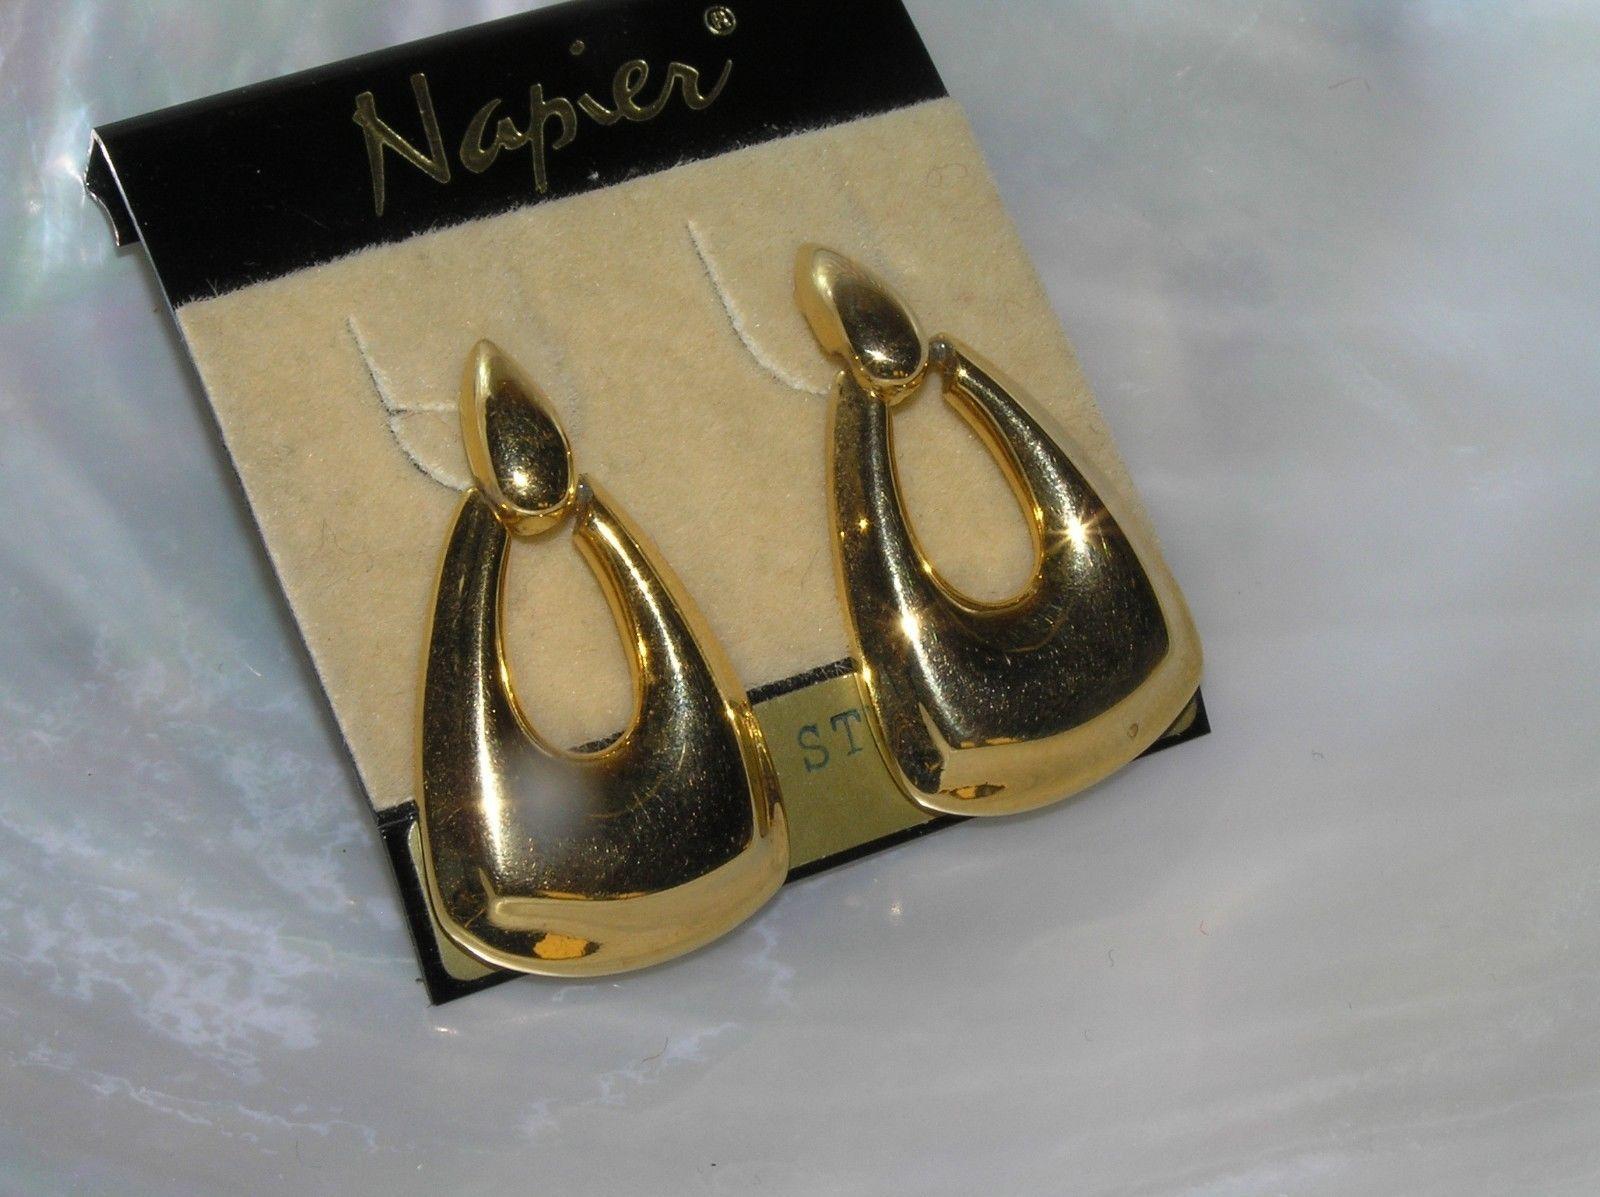 Estate Napier Goldtone Teardrop Door Knocker Post Earrings for Pierced Ears –  image 2